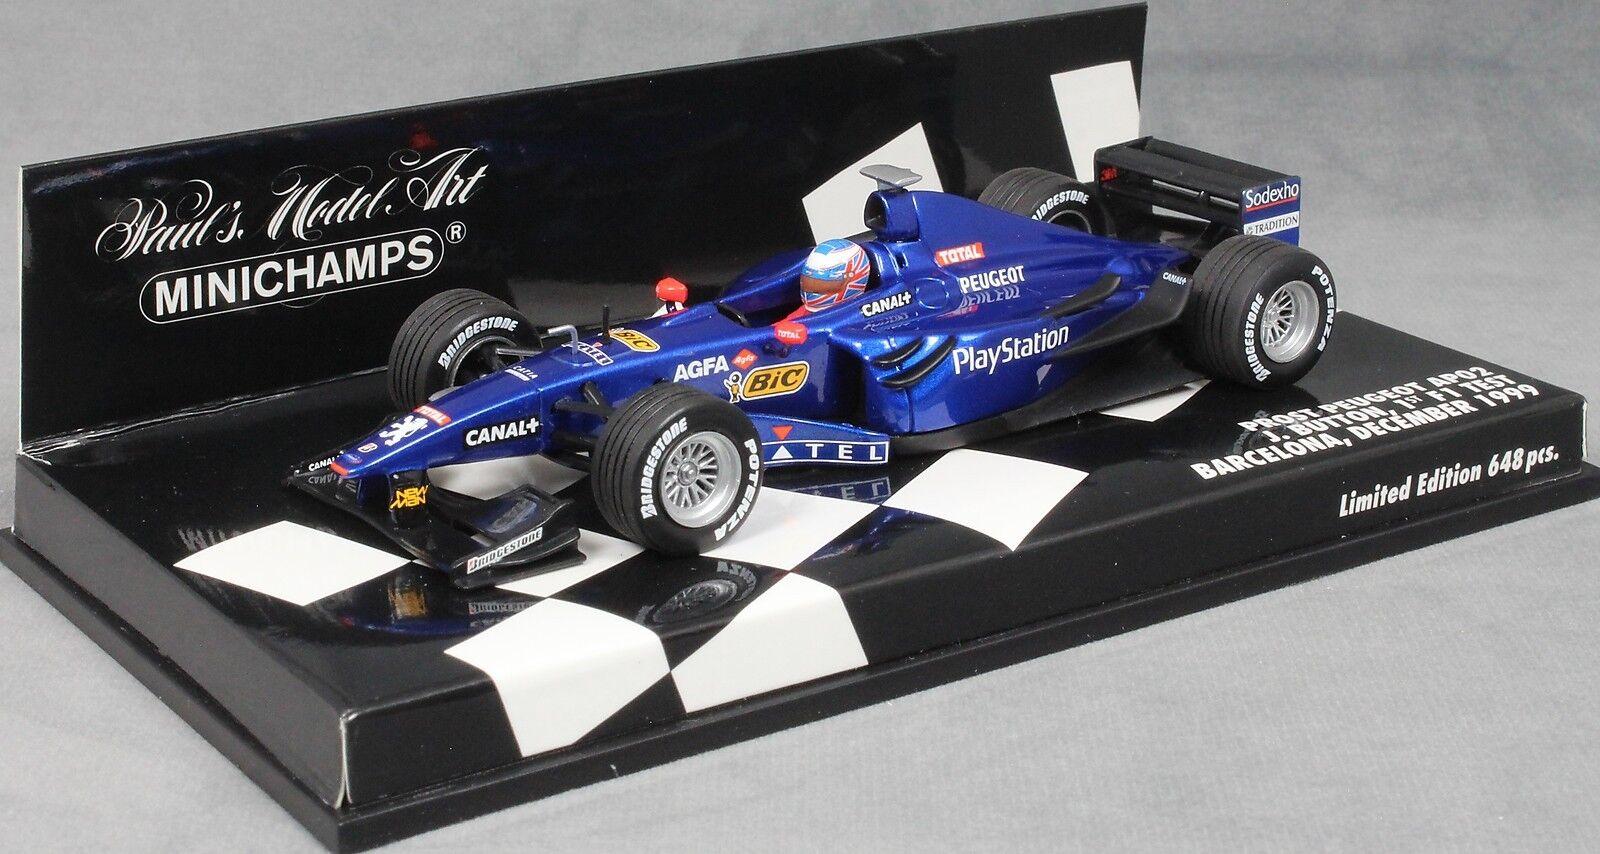 Minichamps PROST AP02 Barcelone Test F1 1999 Jenson Button 400990119 LTD ED 648